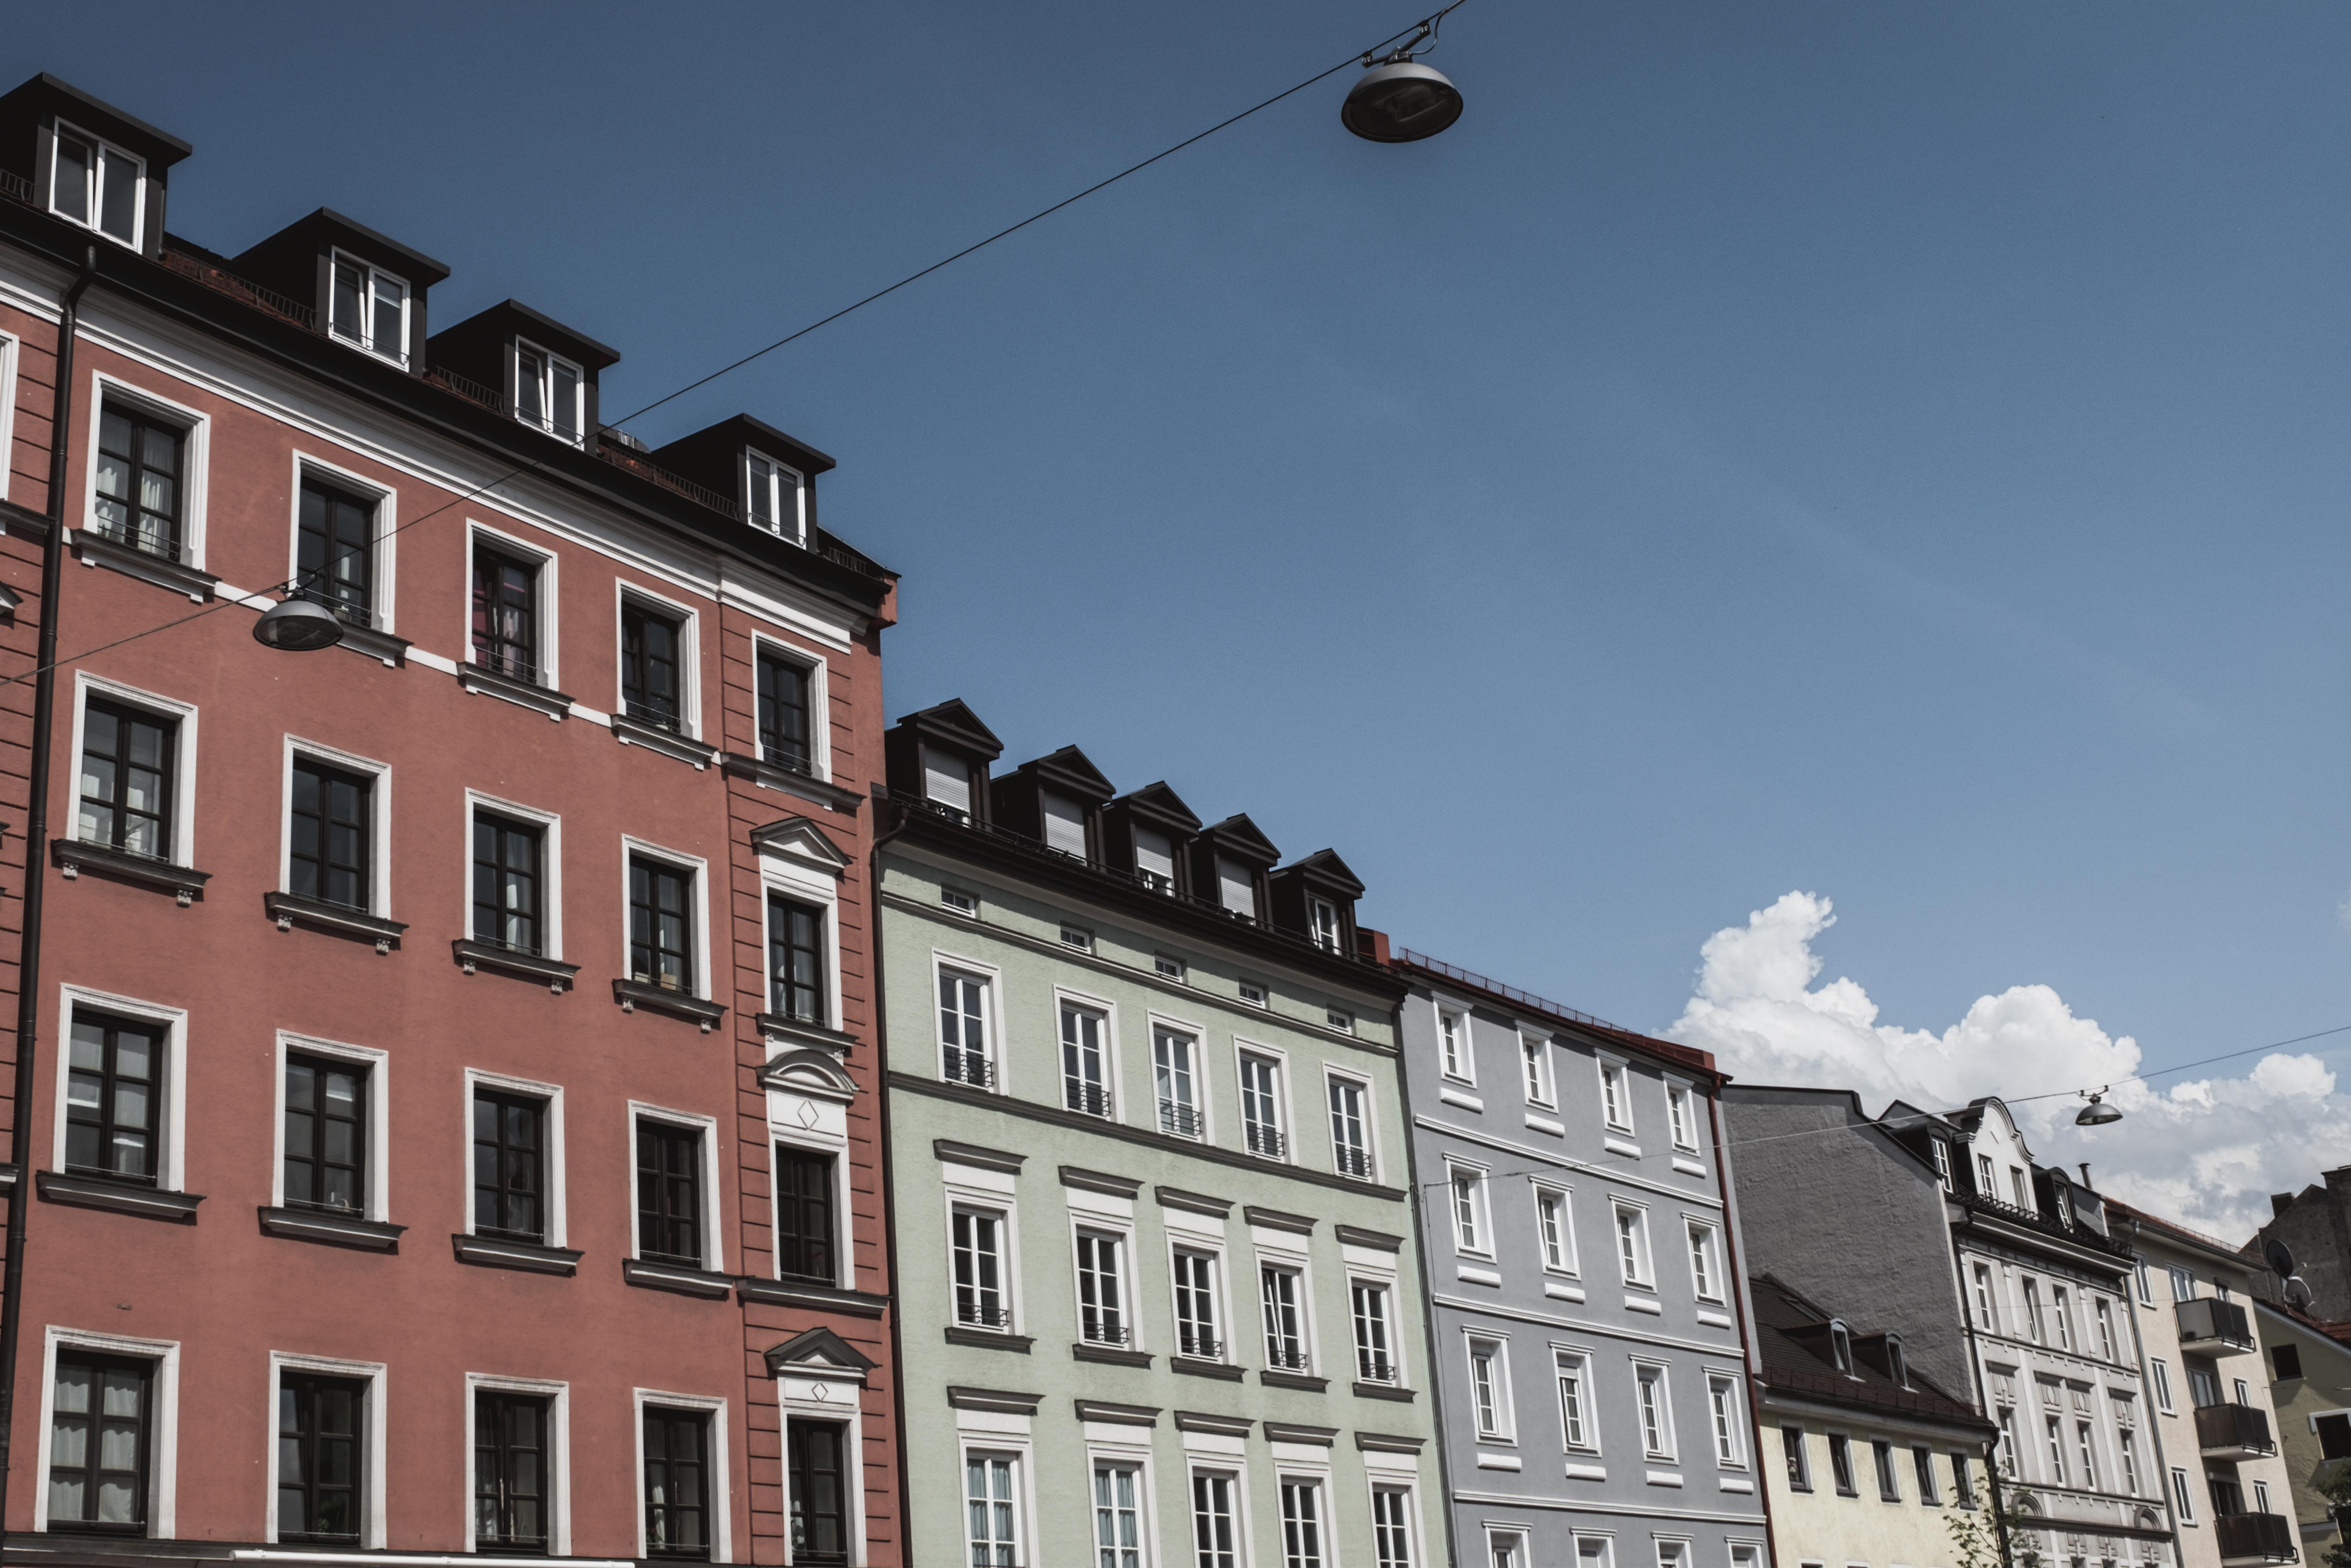 Munich-Haidhausen-quartier francais-lemonetorange-baviere-allemagne-city guide